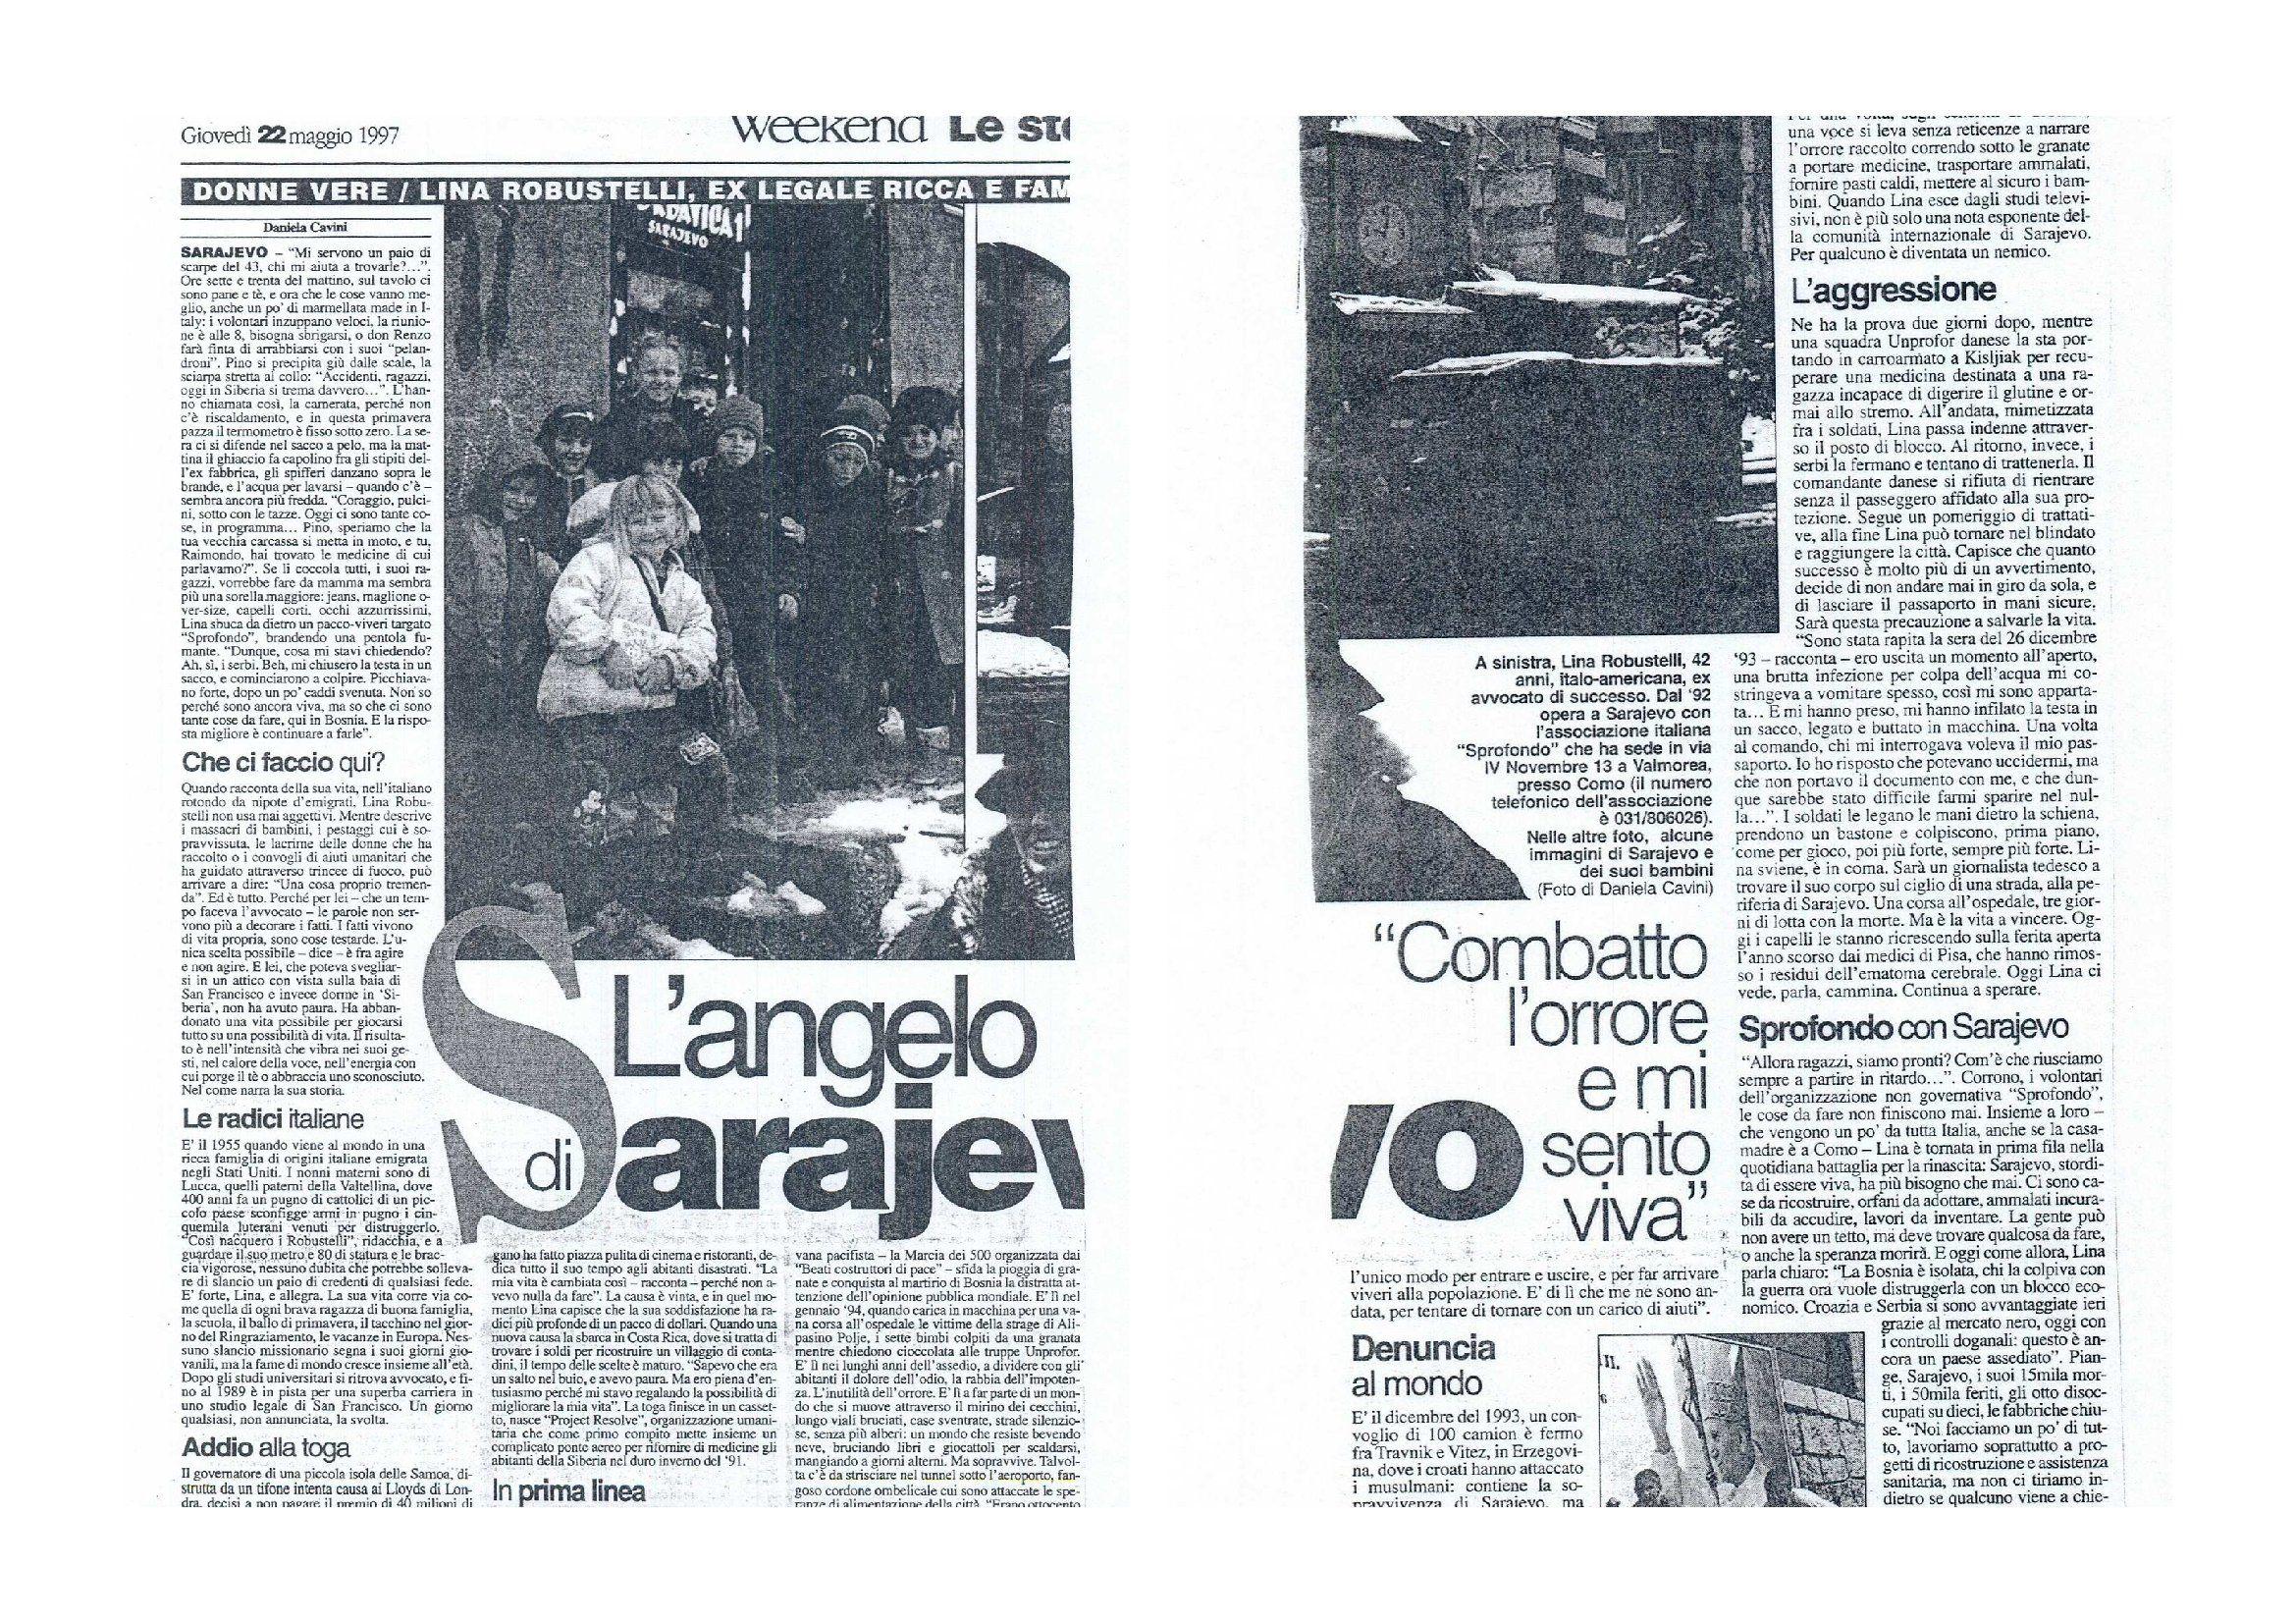 l'angelo di Sarajevo doppio image